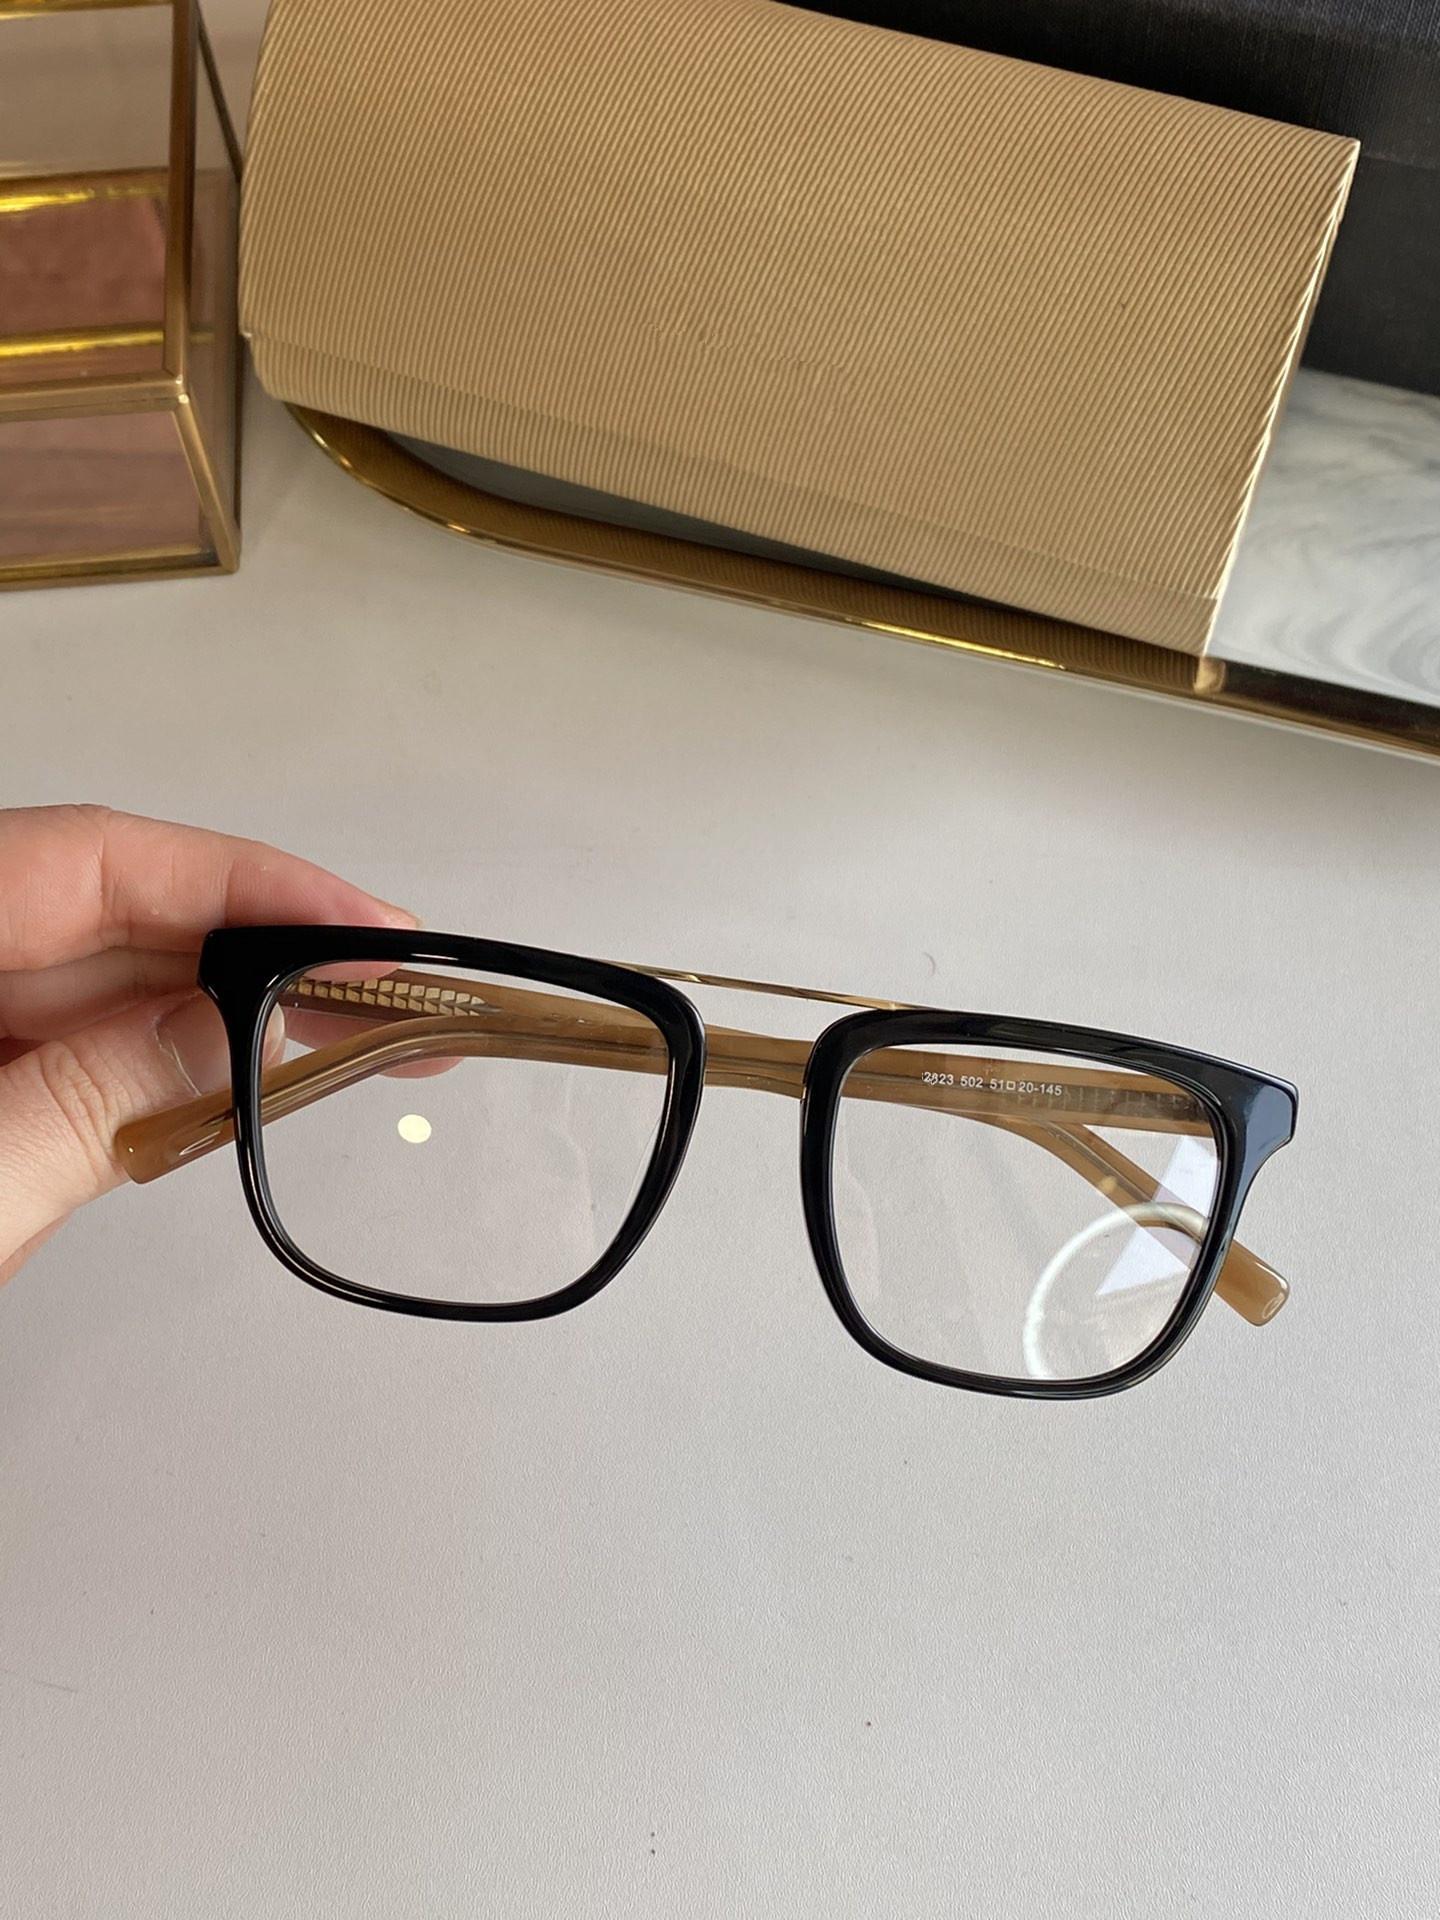 2021 جديد الراقية المواد 3323 نظارات قصر النظر إطار الأزياء مزاجه مطابقة الذكور والإناث eyeslasses حجم 51-20-145